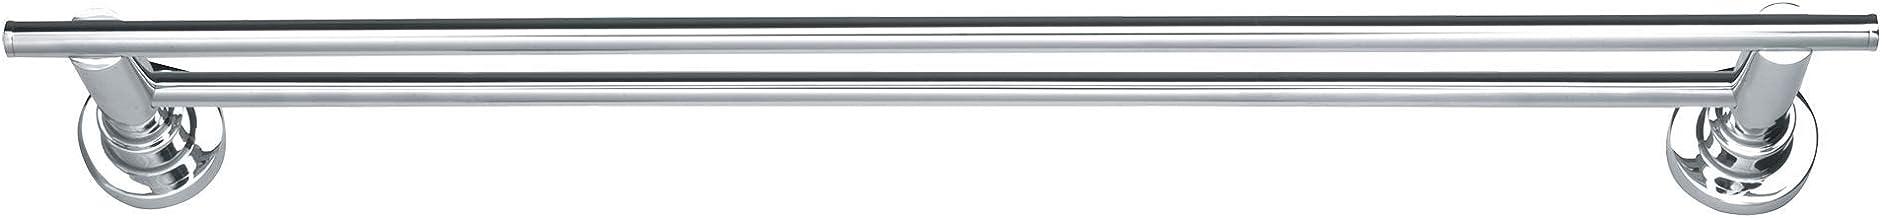 tesa Luup dubbele handdoekhouder, verchroomd metaal, zelfklevend, 50 mm x 600 mm x 120 mm